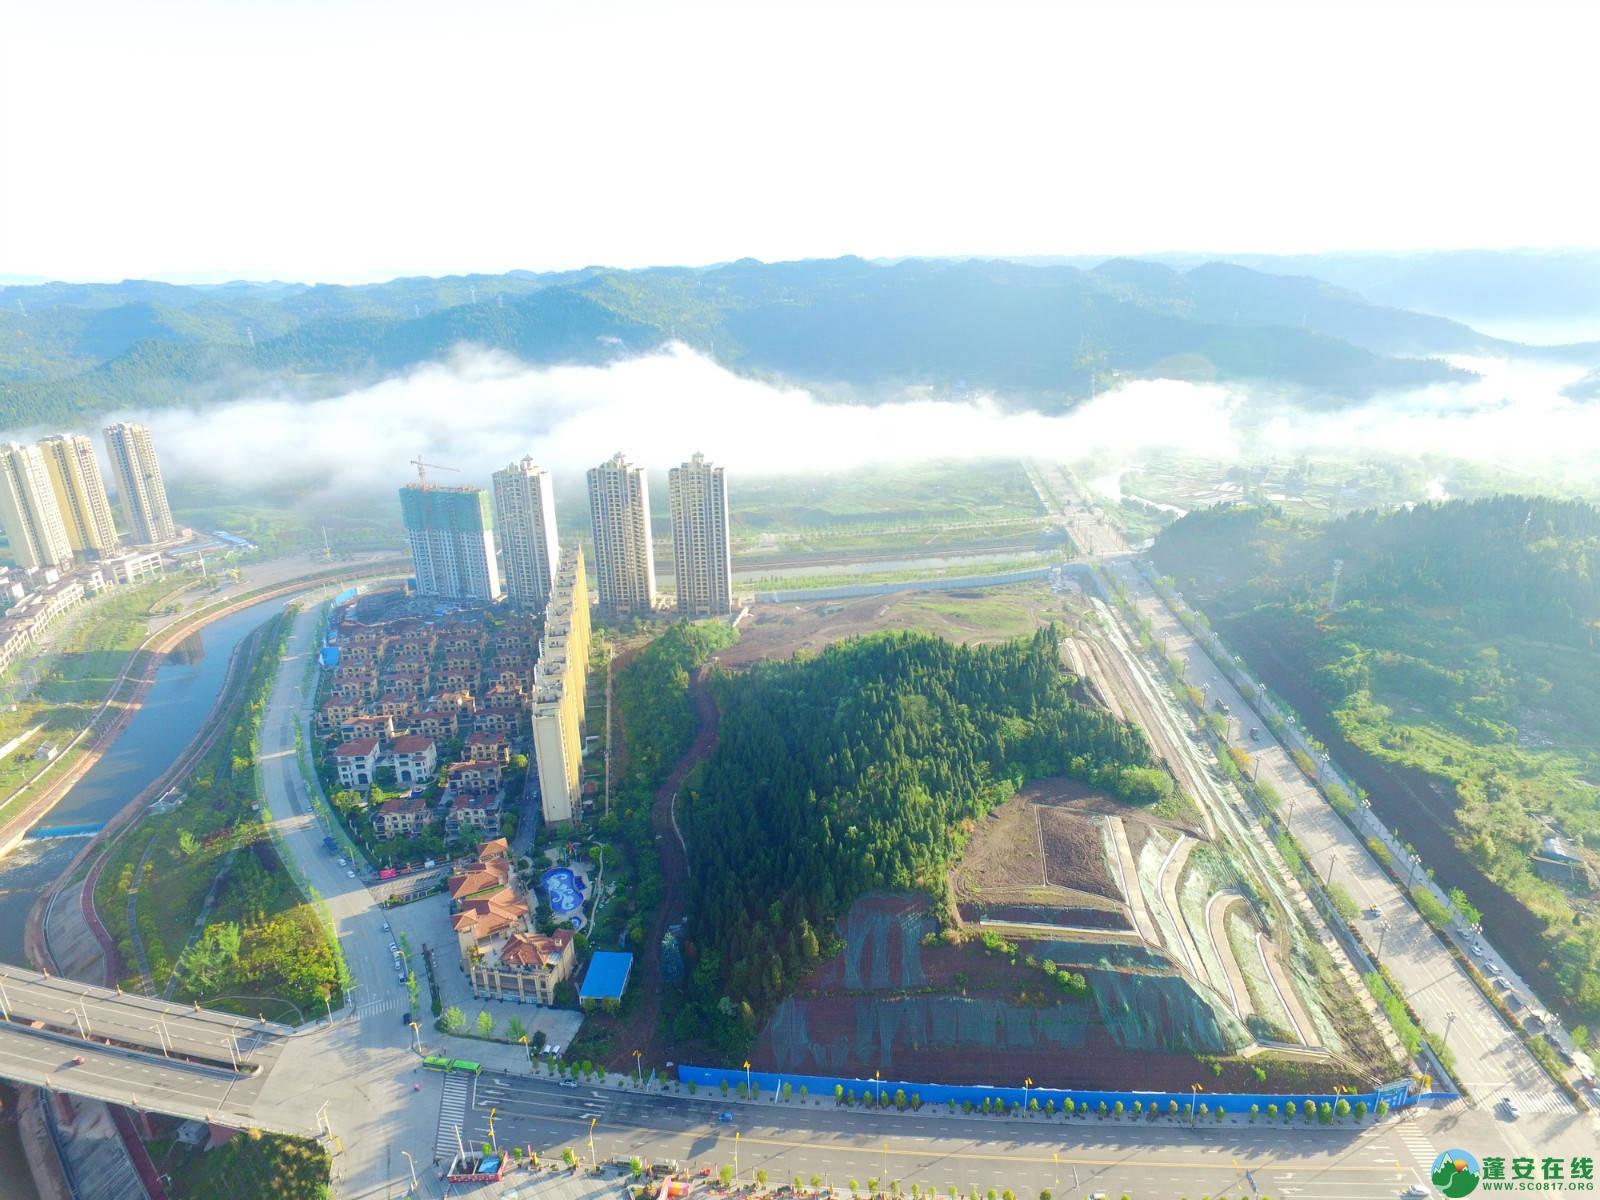 雾境蓬安 - 第32张  | 蓬安在线